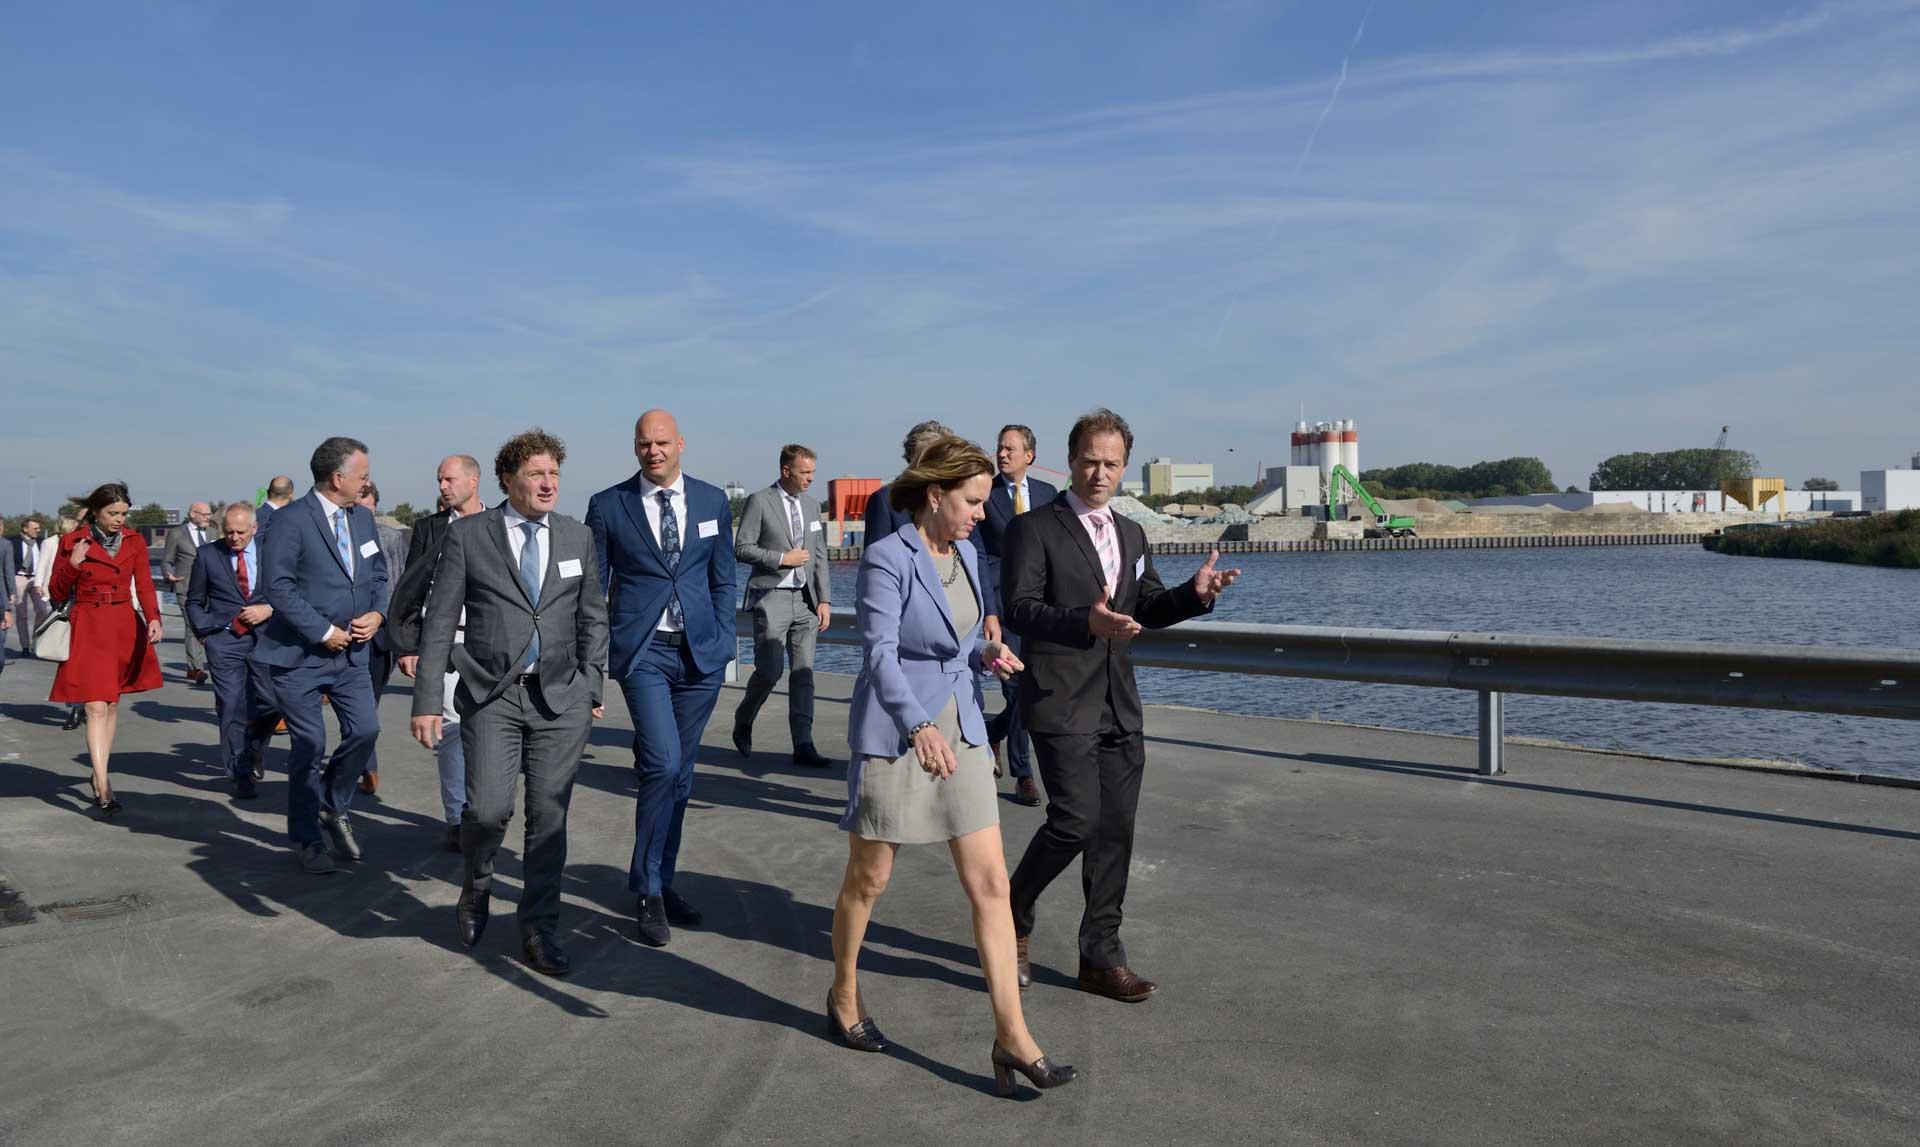 Minister Cora van Nieuwenhuizen van Infrastructuur en Waterstaat op werkbezoek in de Sethehaven in Meppel, onderdeel van Port of Zwolle. Links van haar, in grijs pak, de Friese gedeputeerde Klaas Kielstra.